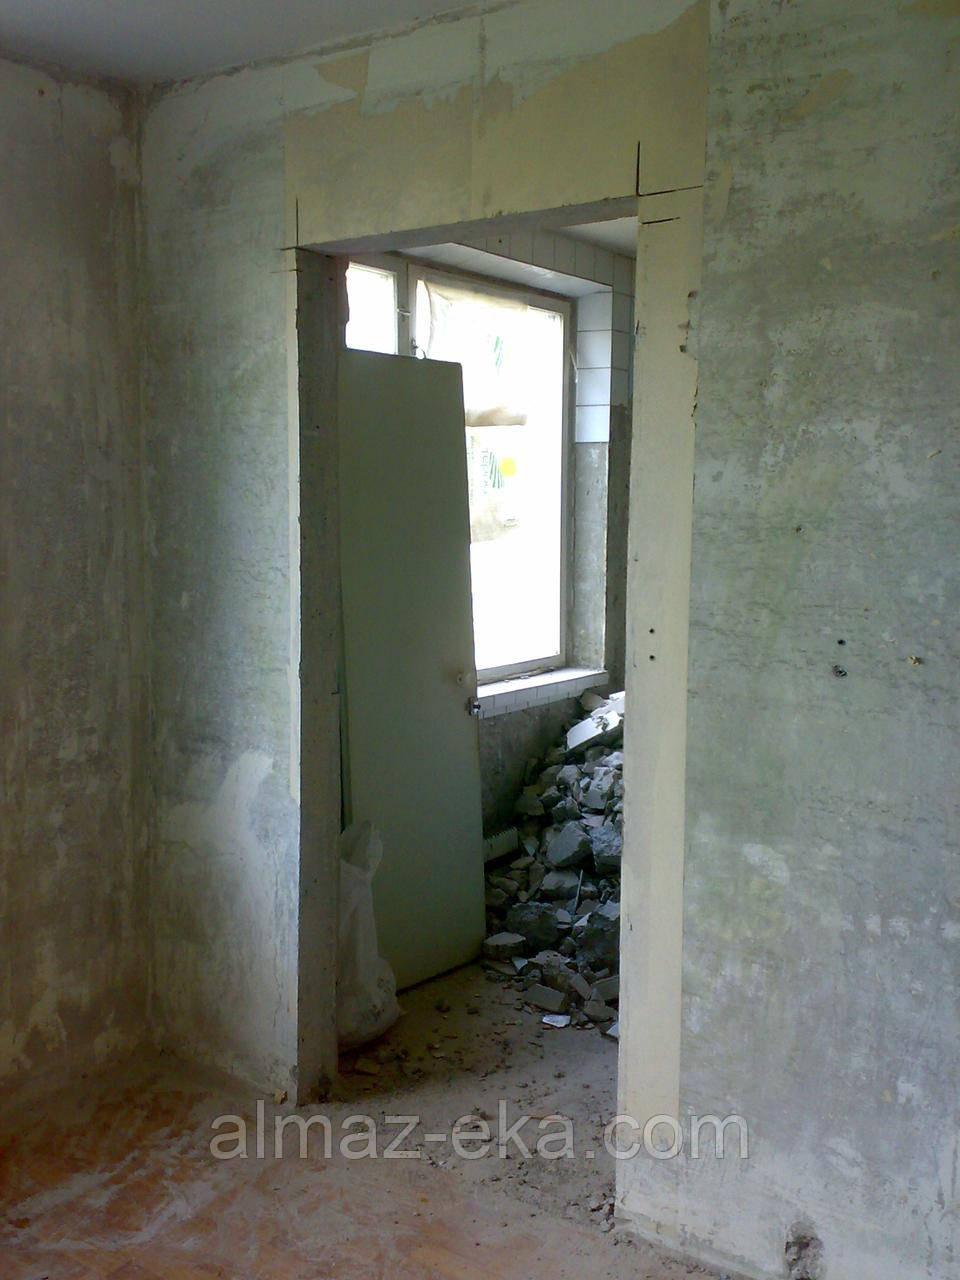 Демонтаж.Резка проемов,штроб,выходы на балкон,сантехкабины